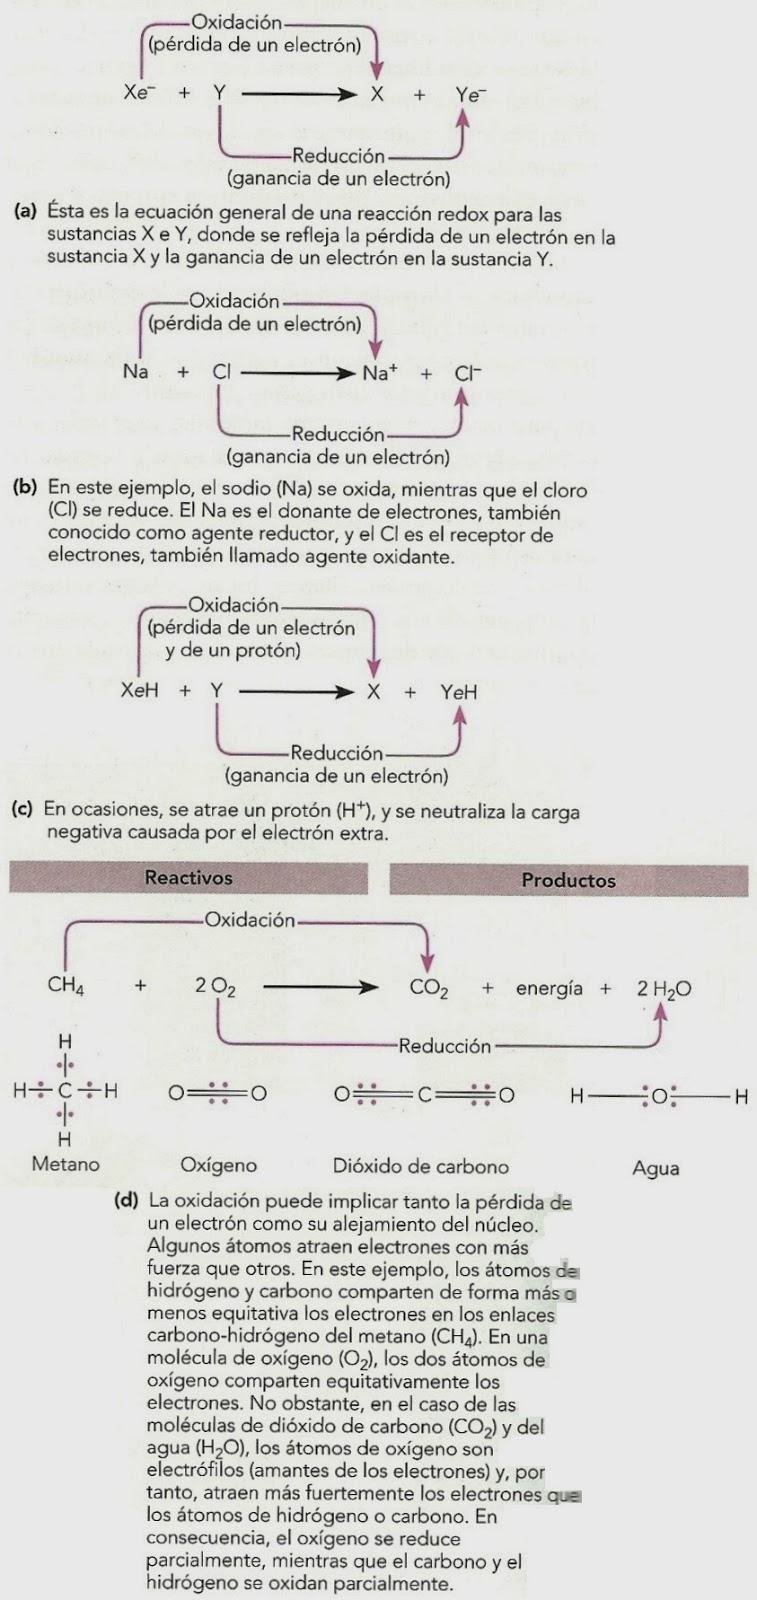 Bioquímica vegetal básica (7). Energía y reacciones químicas ...